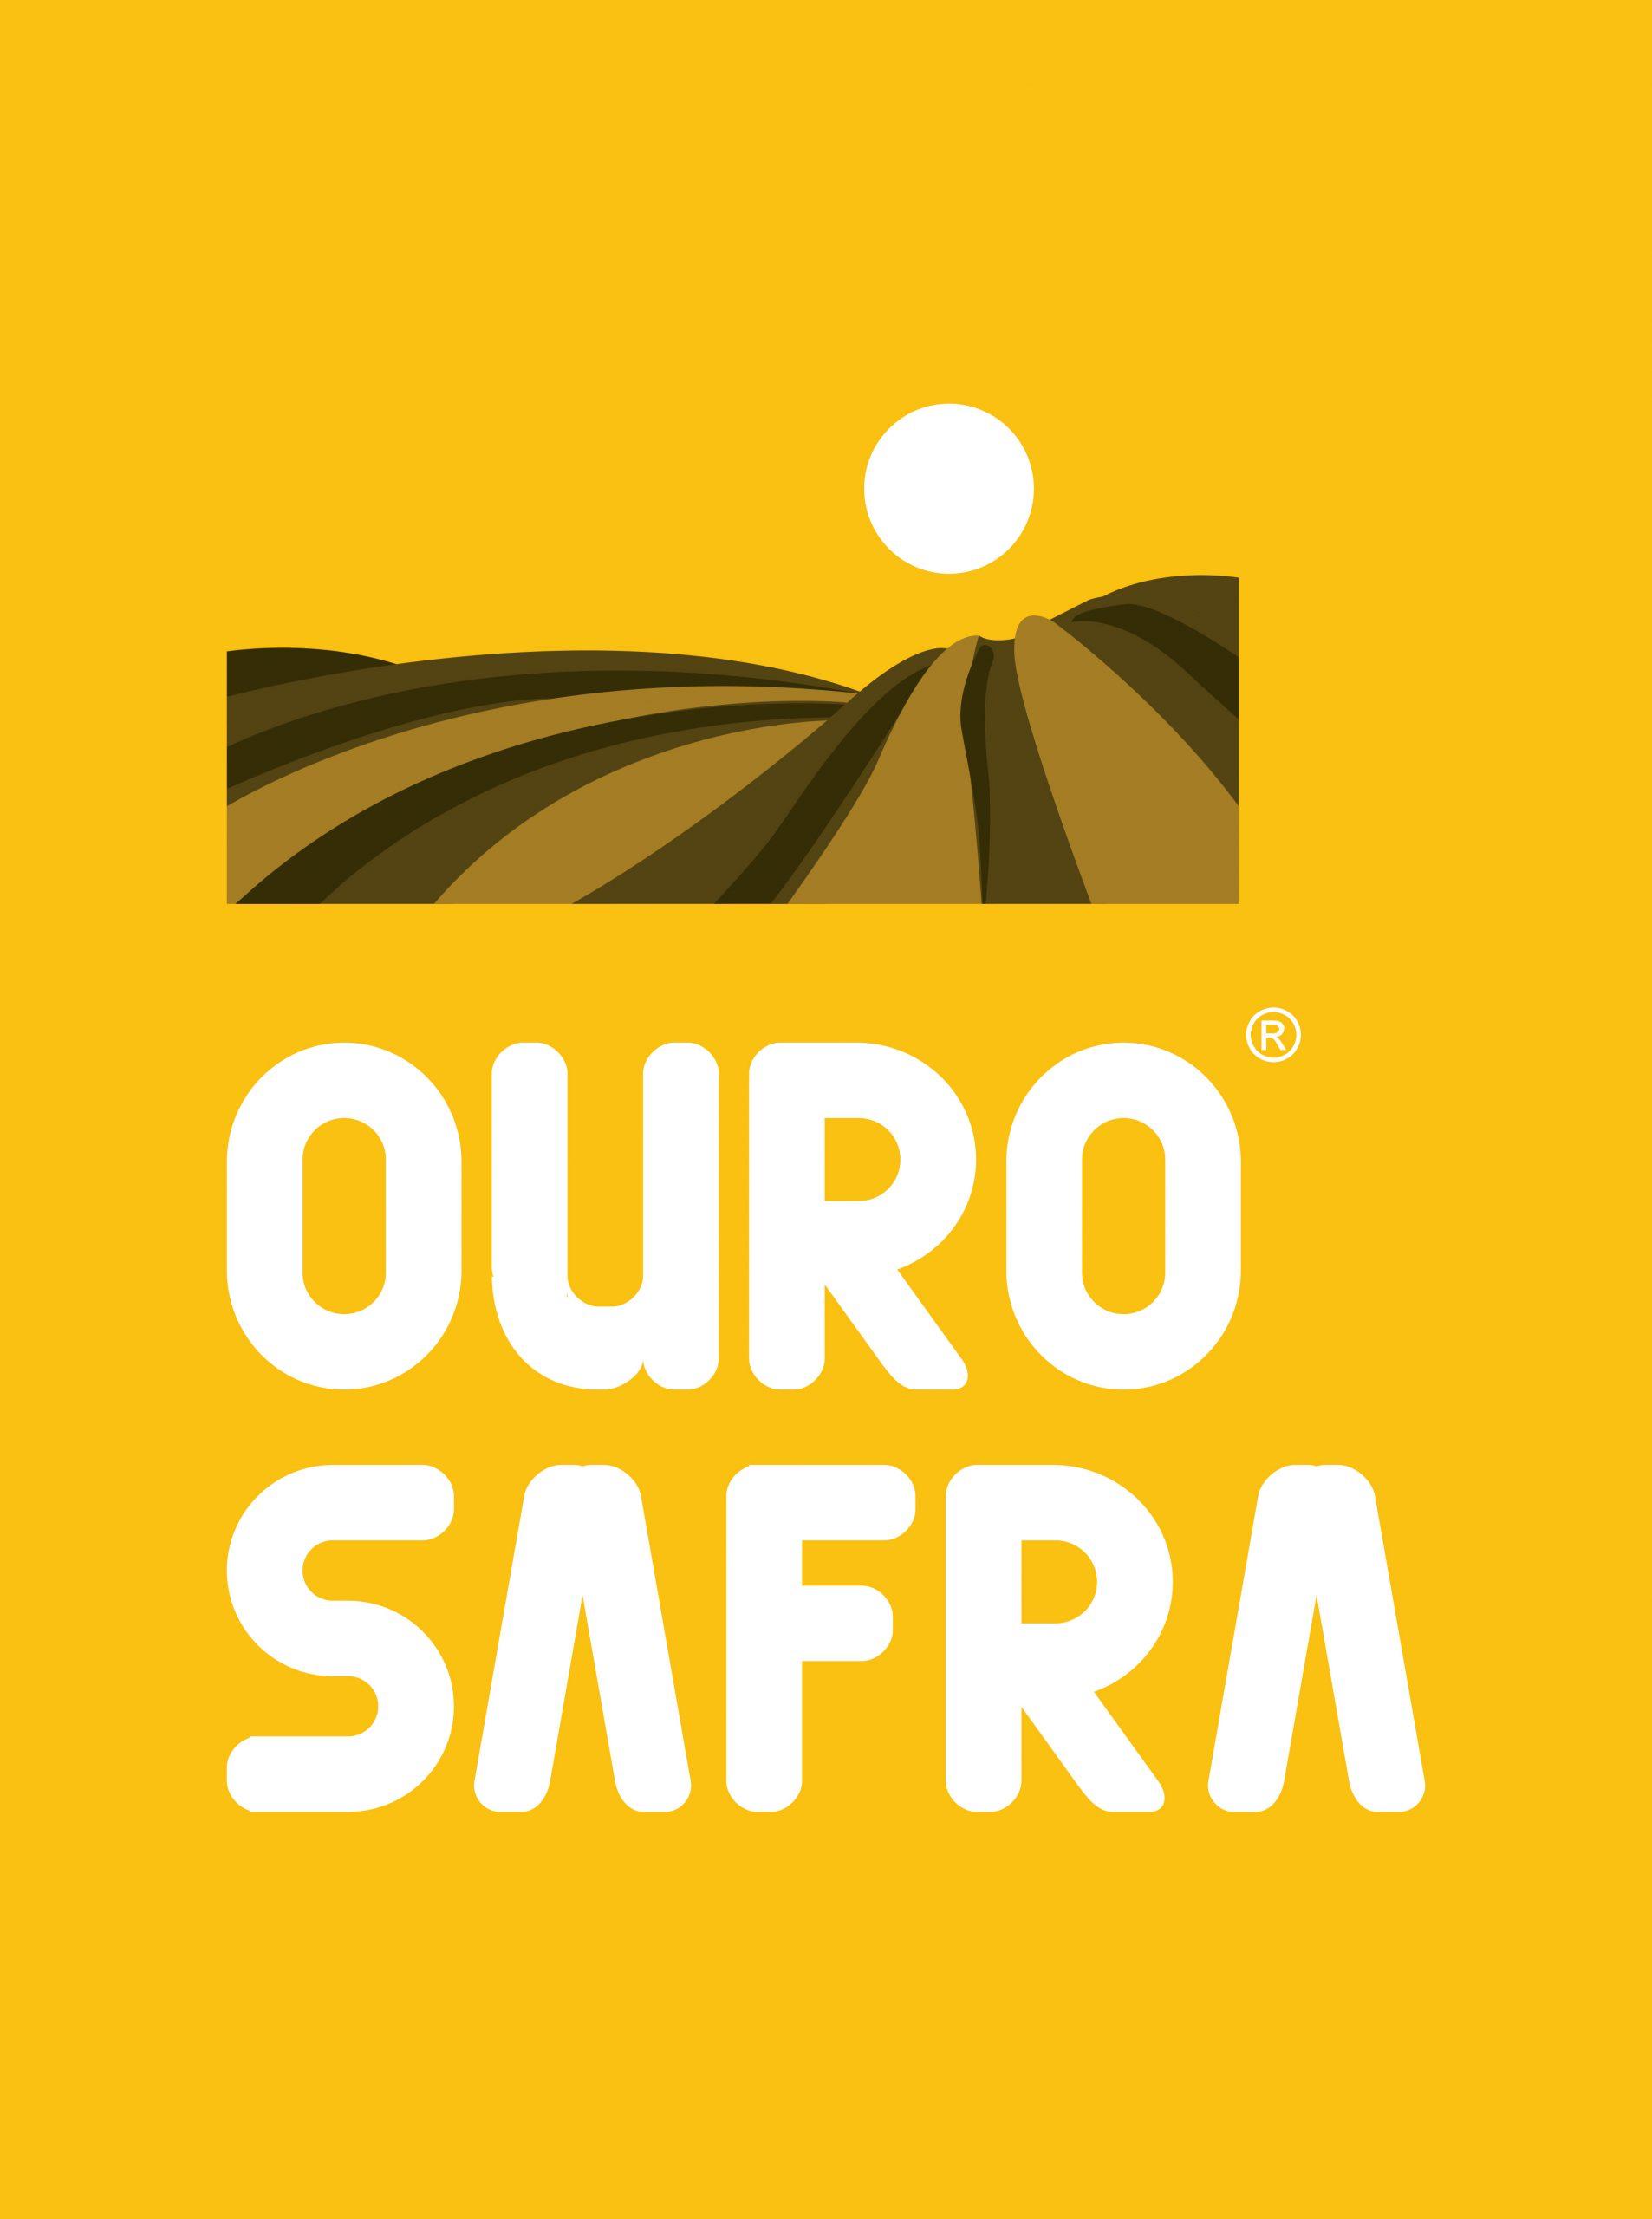 Ouro Safra Industria e Comércio Ltda